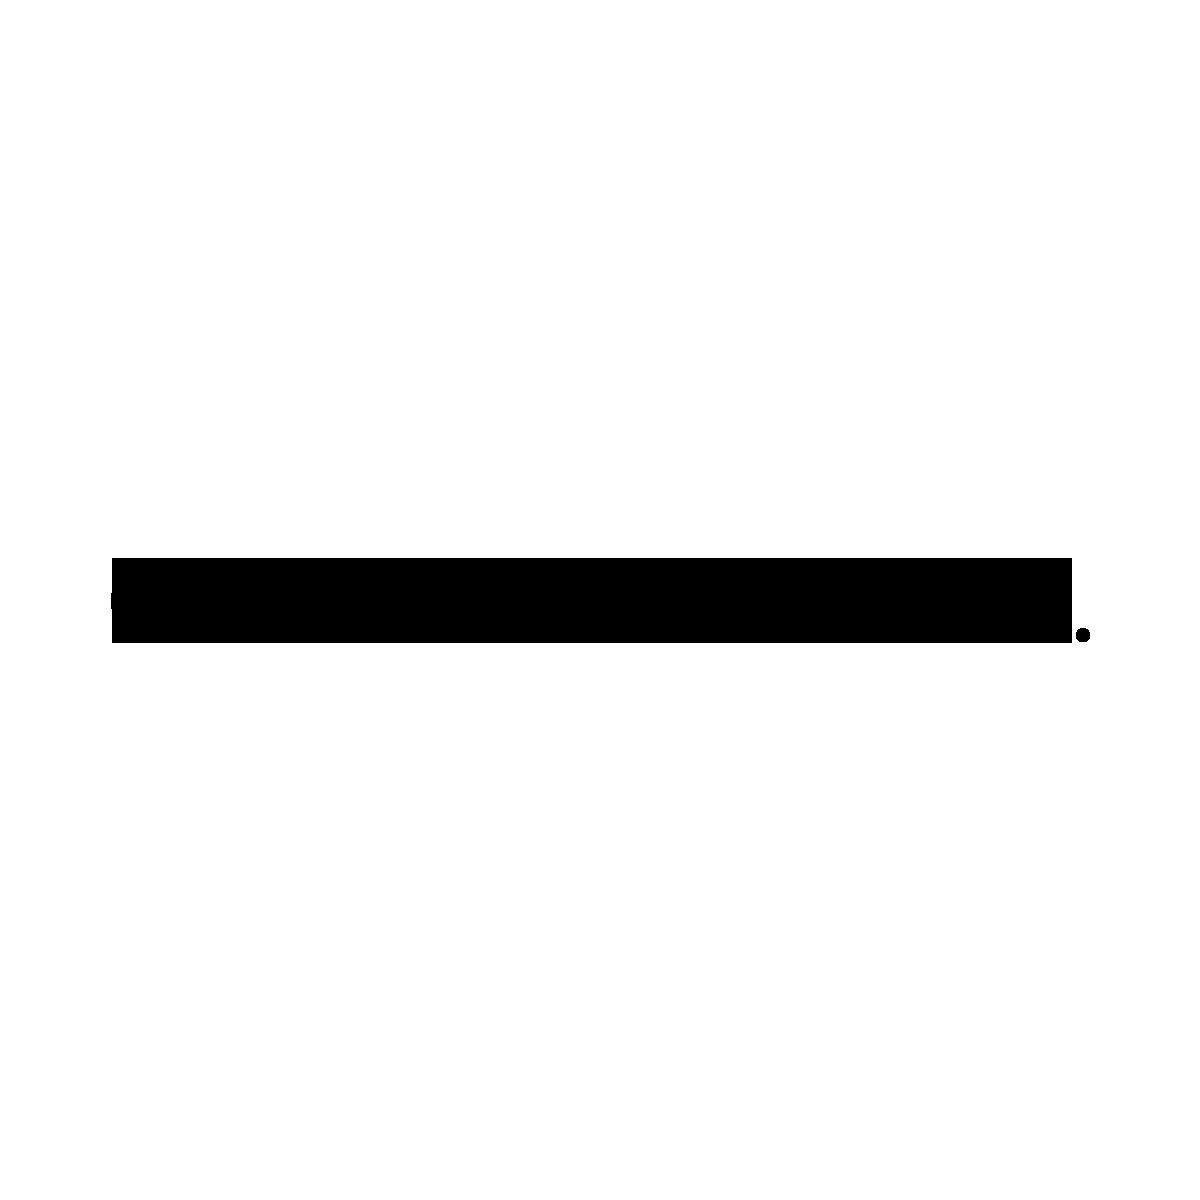 Weißer-Sneaker-Glattleder-mit-Neoprensocke-Gelb